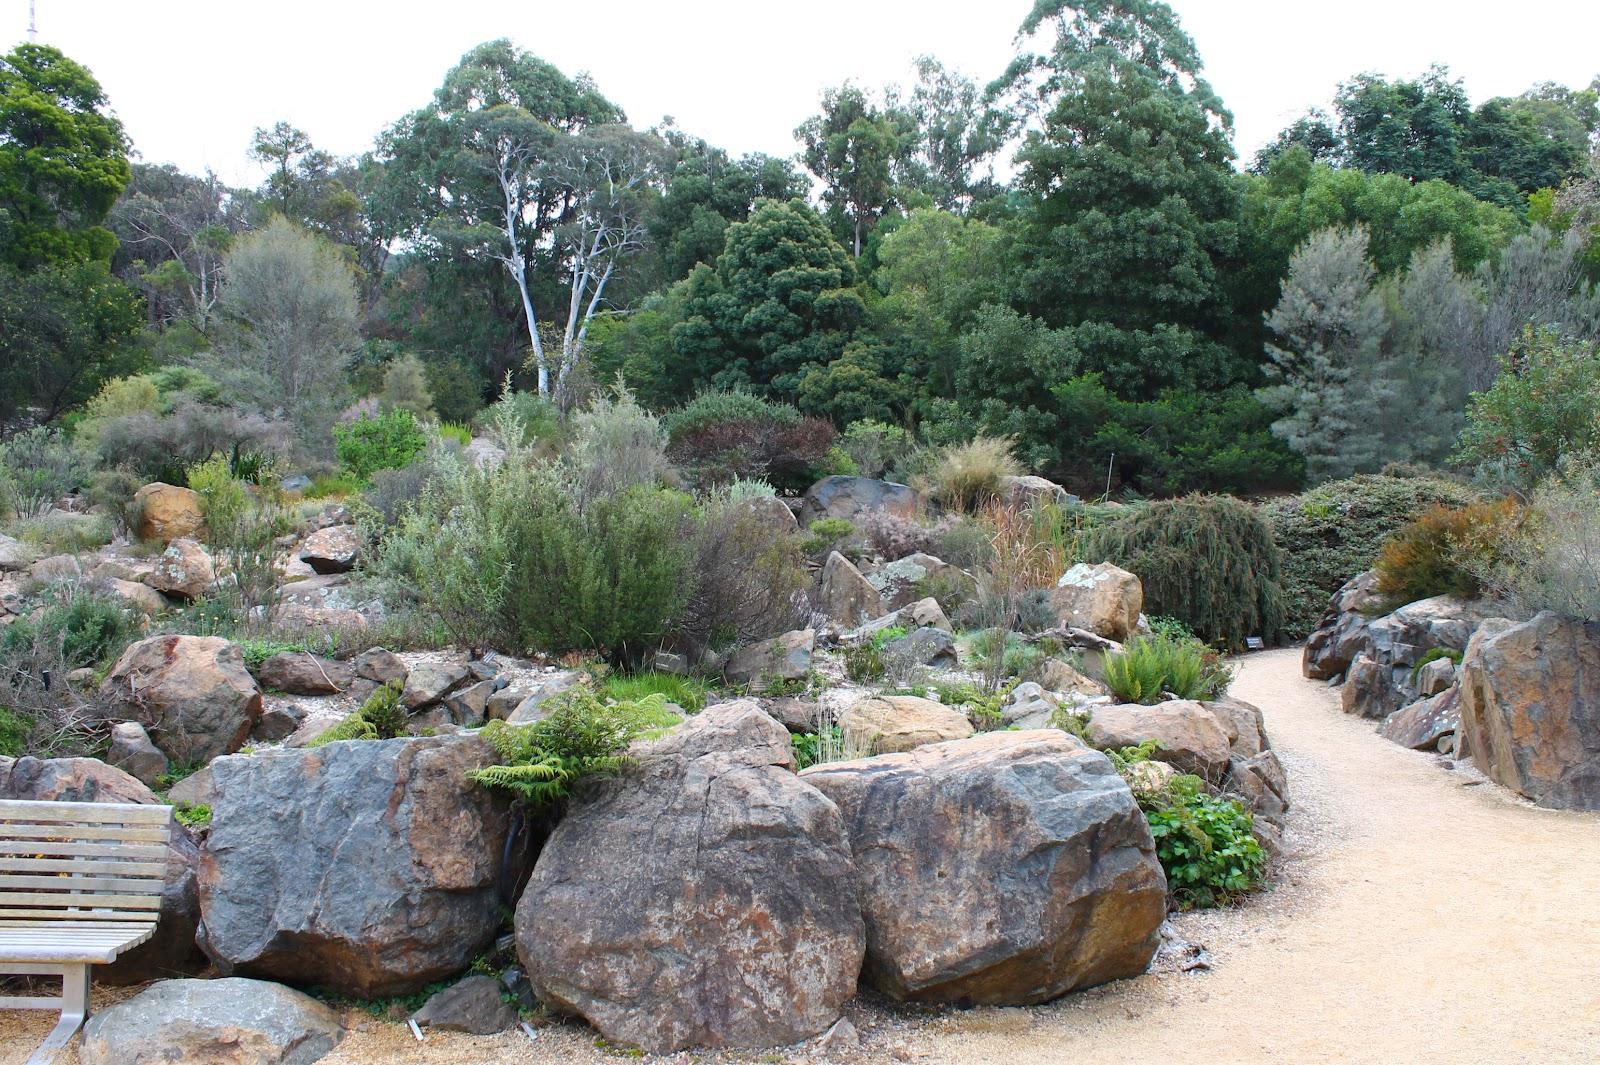 Garden Design Australia Miefu   Home and Garden Wallpaper 1600x1065